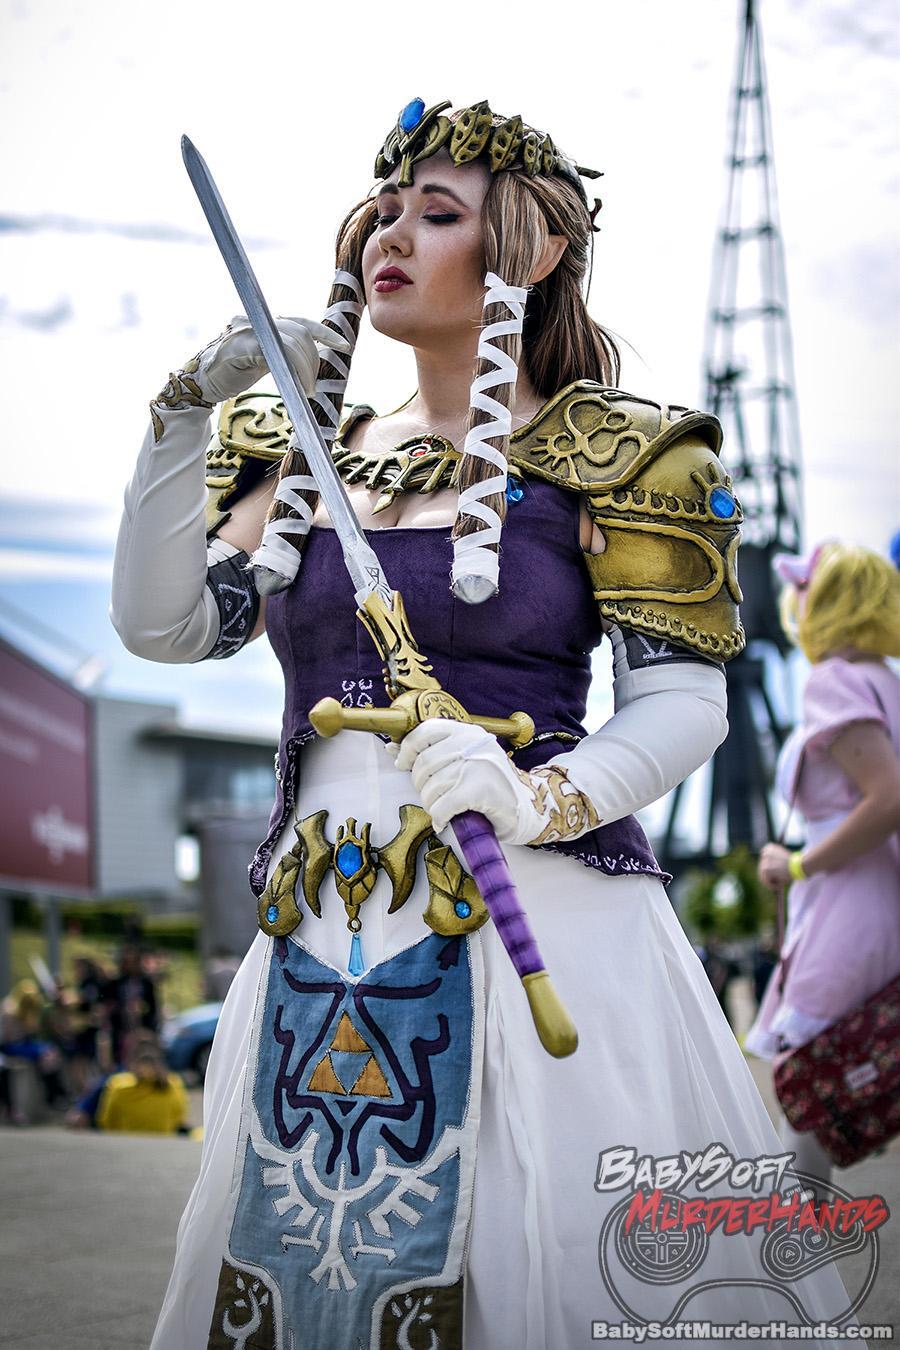 Zelda Series The Legend of Zelda: Twilight Princess cosplay master sword foam armor